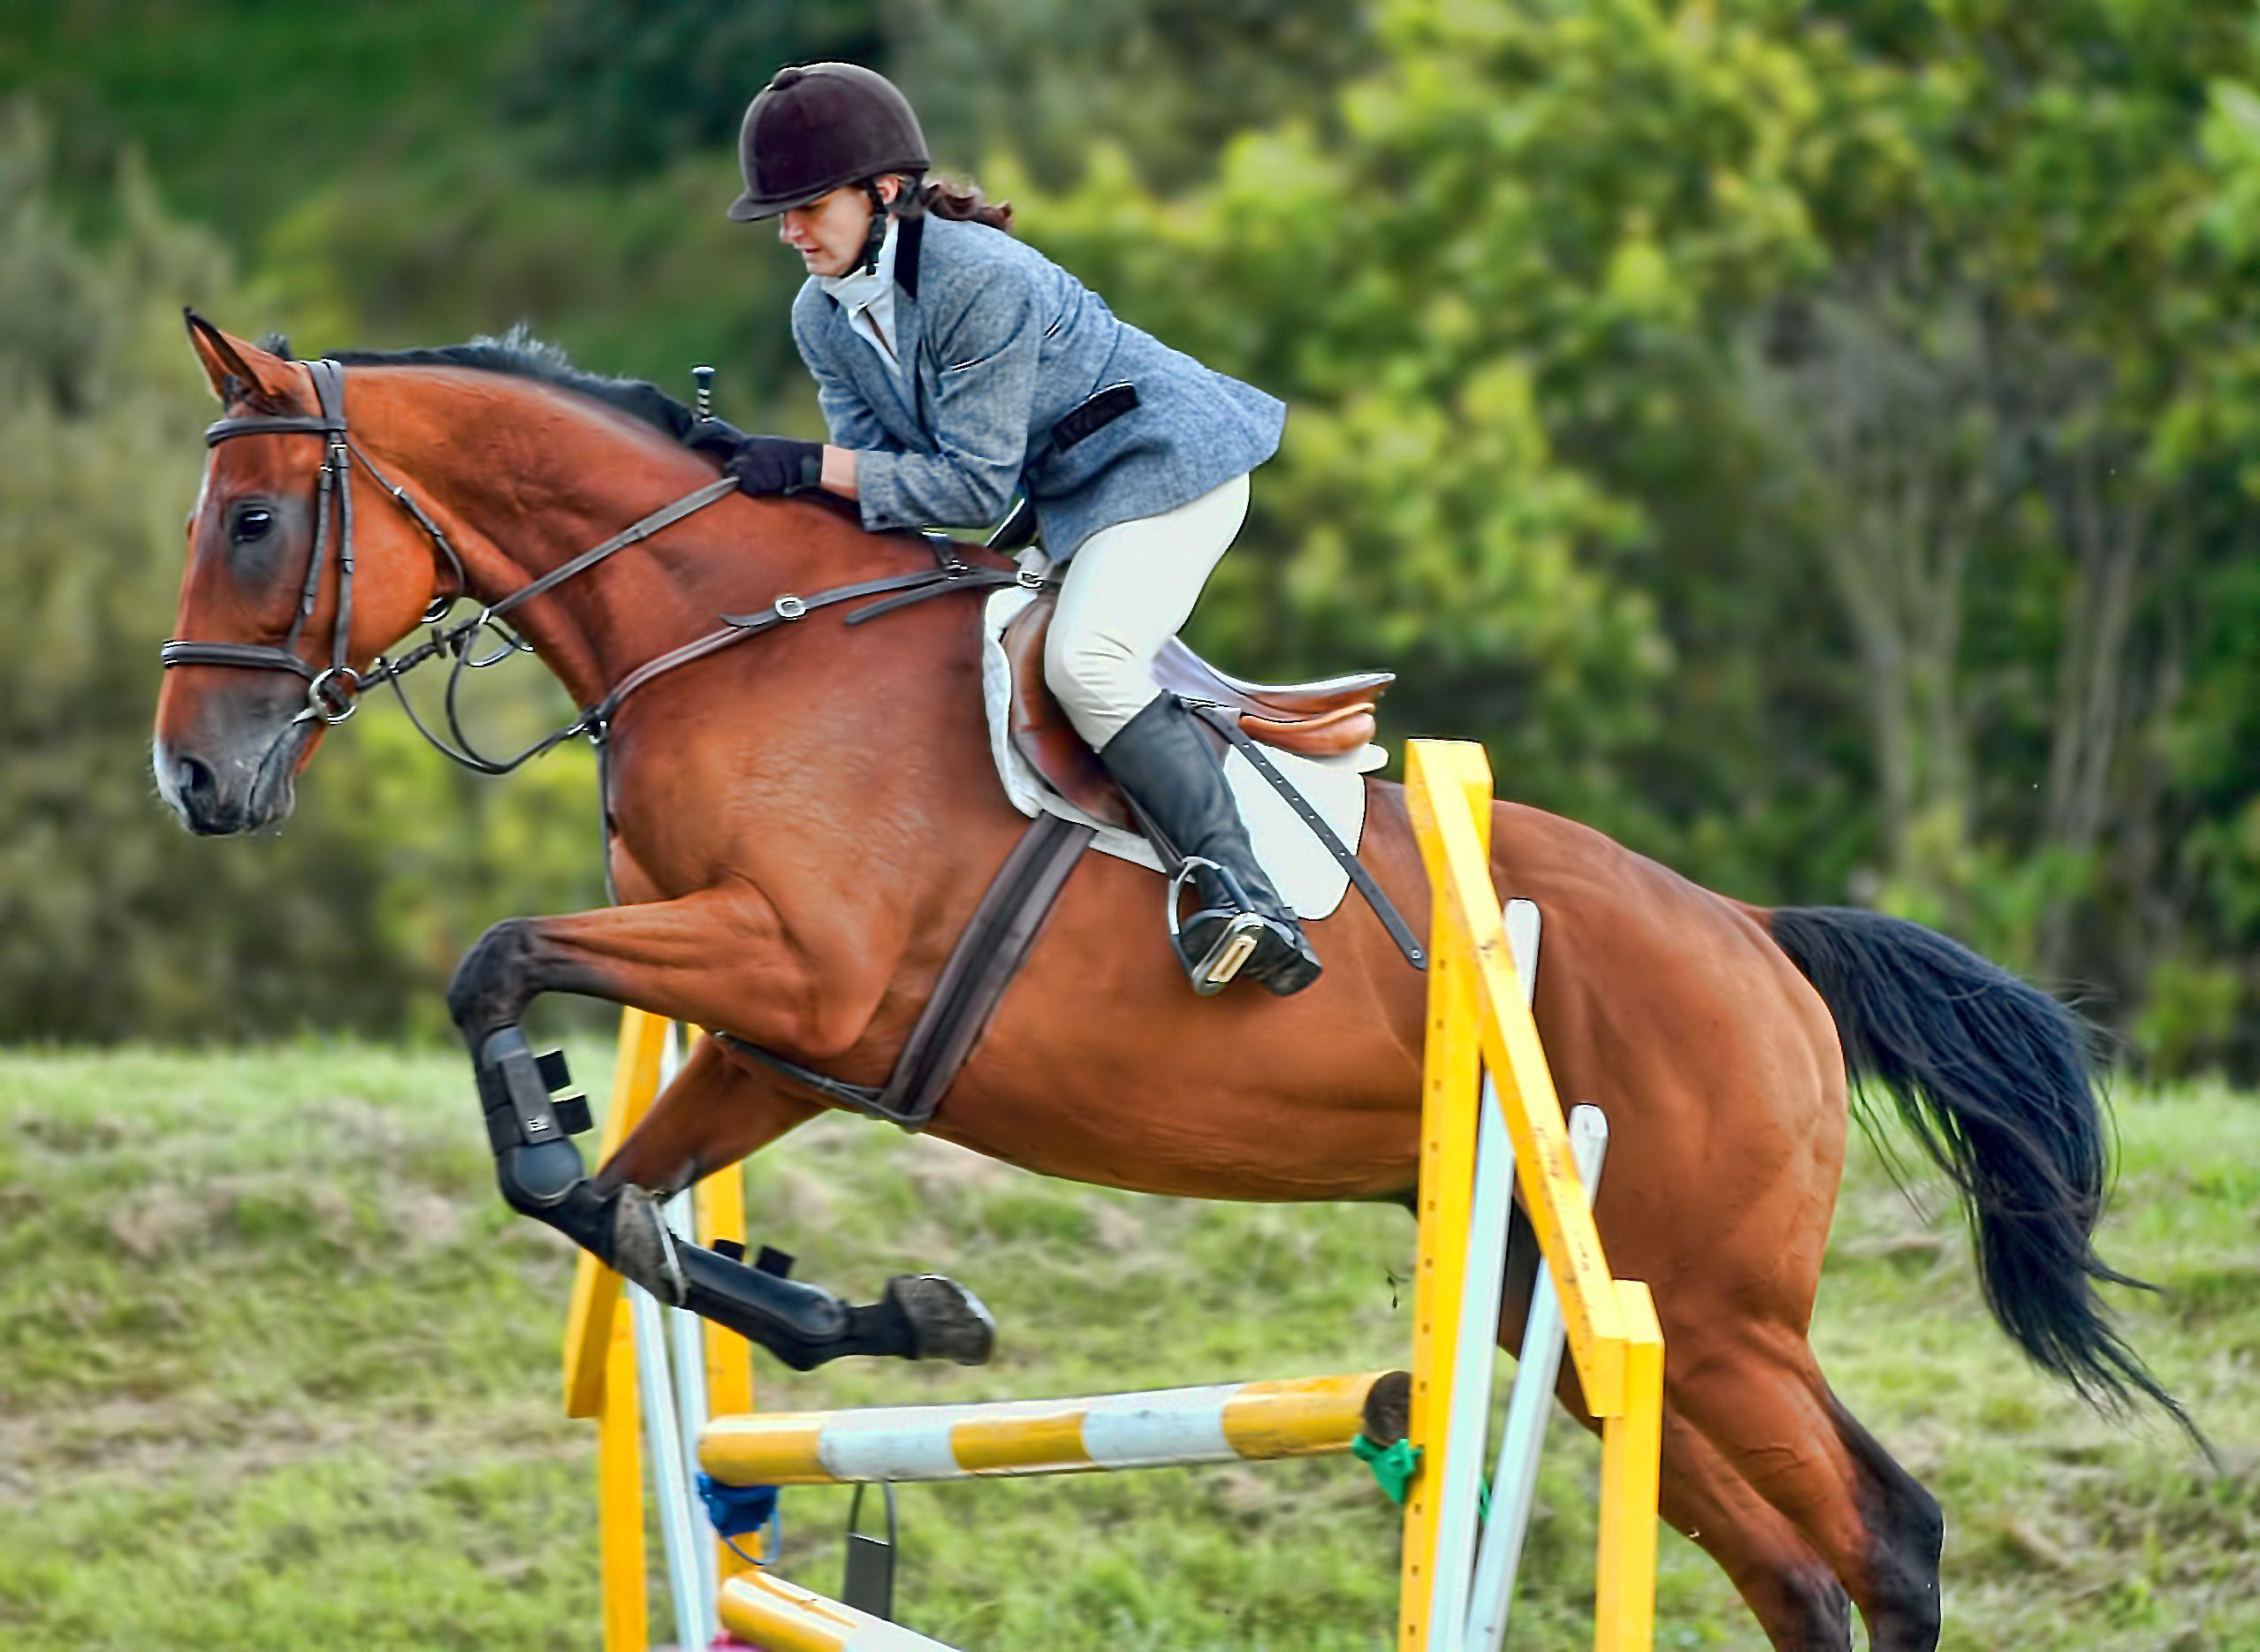 Скачки на лошадях - скорости, породы лошадей, травмы и содержание спортсменов